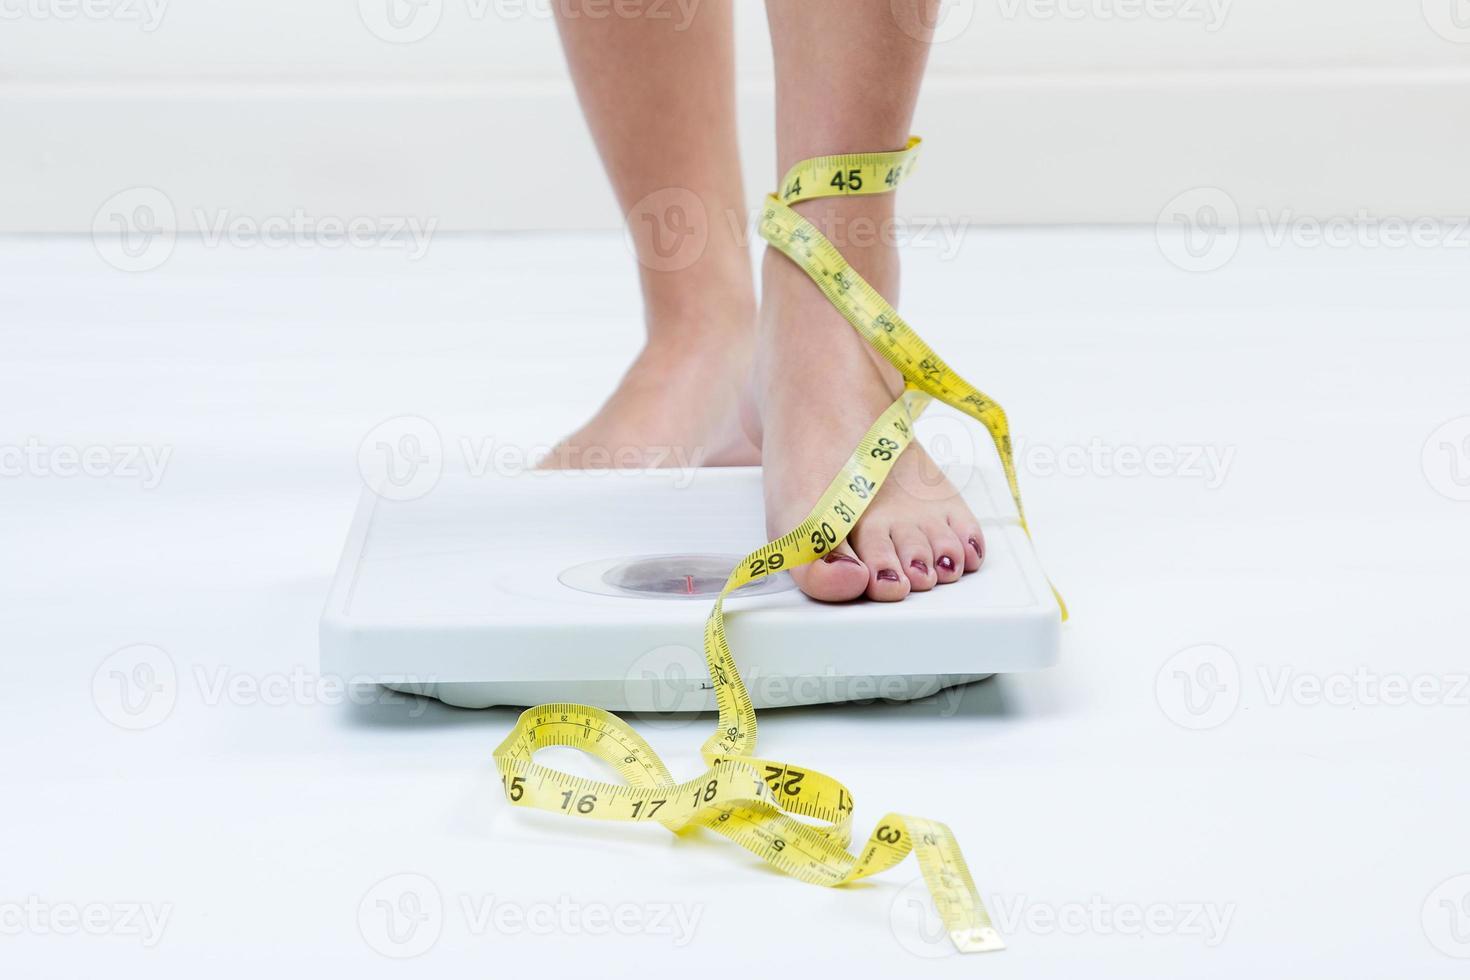 piedi femminili in piedi su una bilancia da bagno e misura di nastro foto